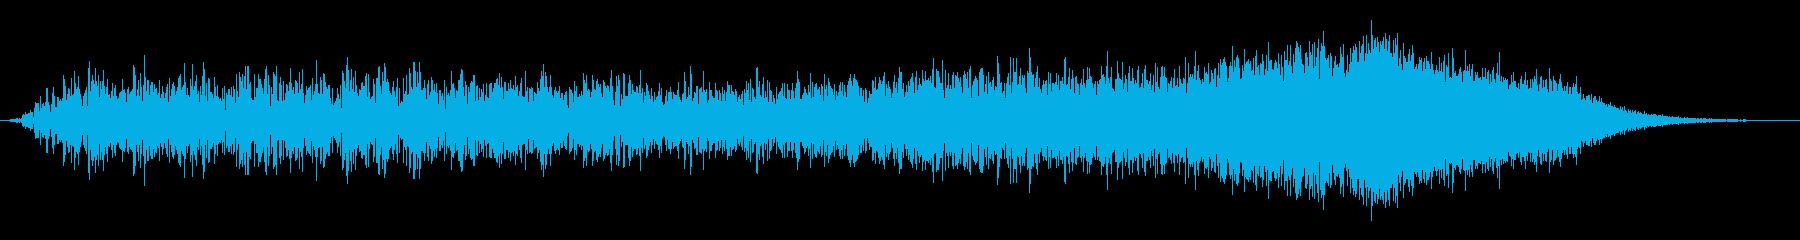 奇襲攻撃の再生済みの波形